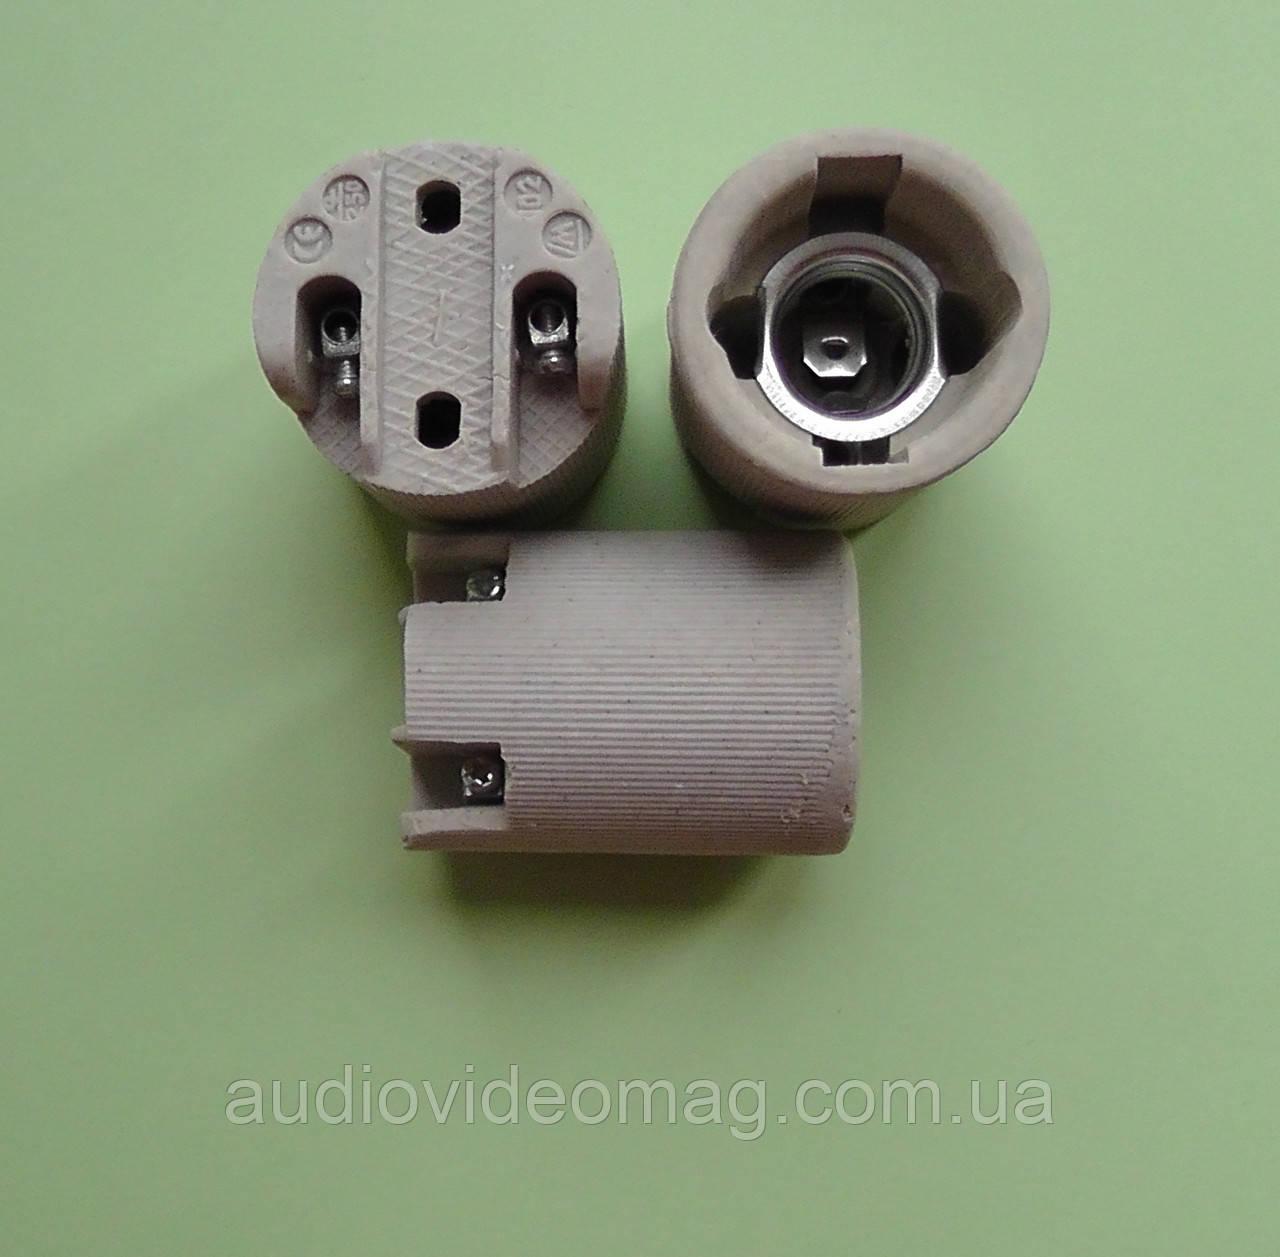 Патрон керамический Е14 (миньон)